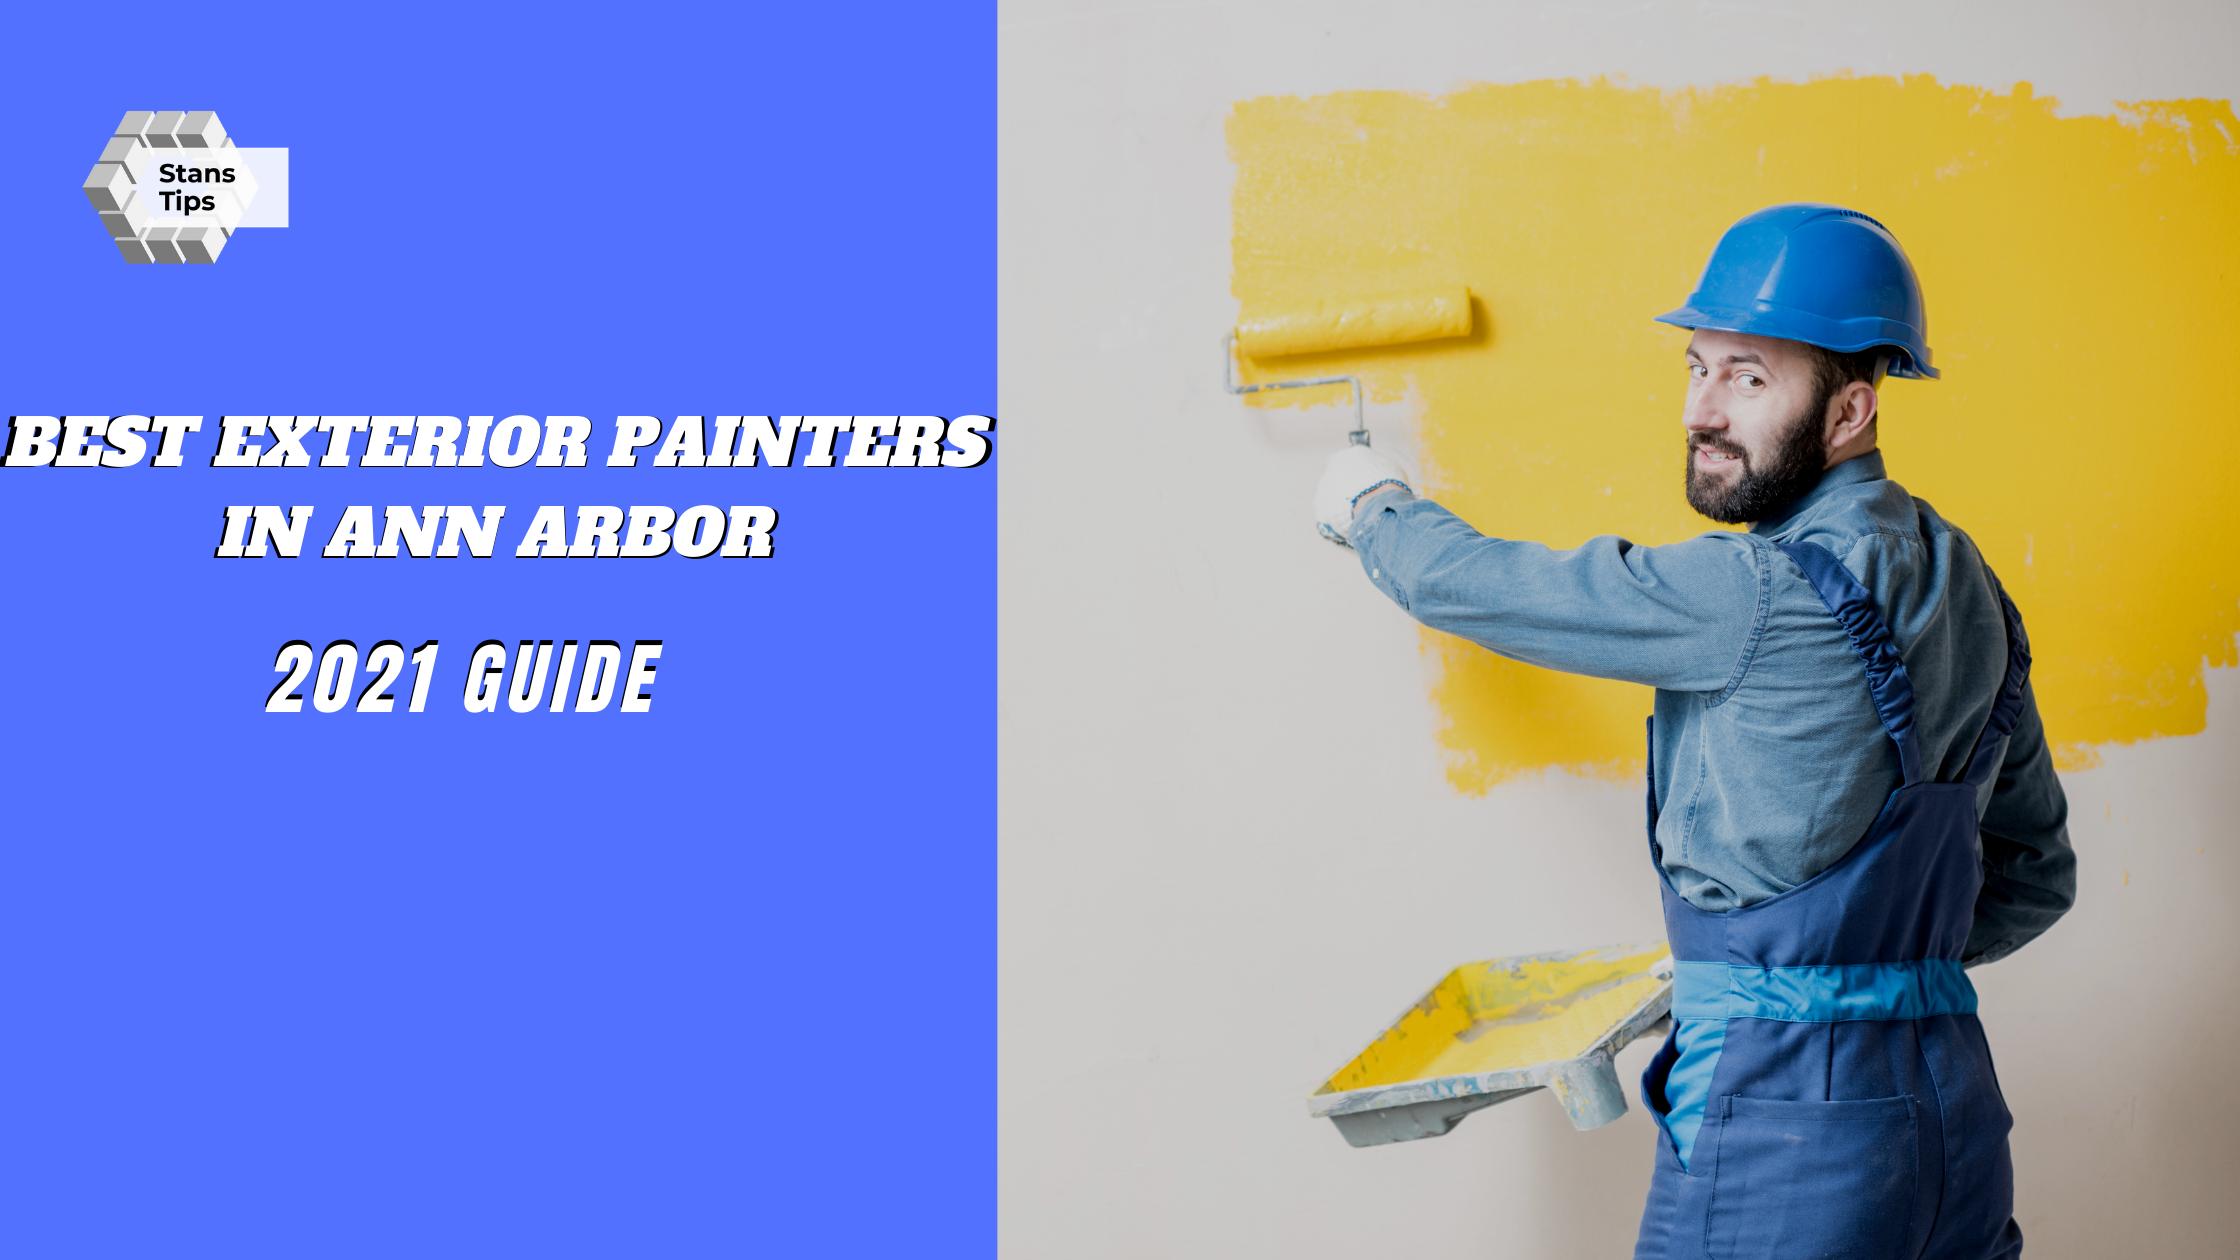 Best exterior painters in ann arbor